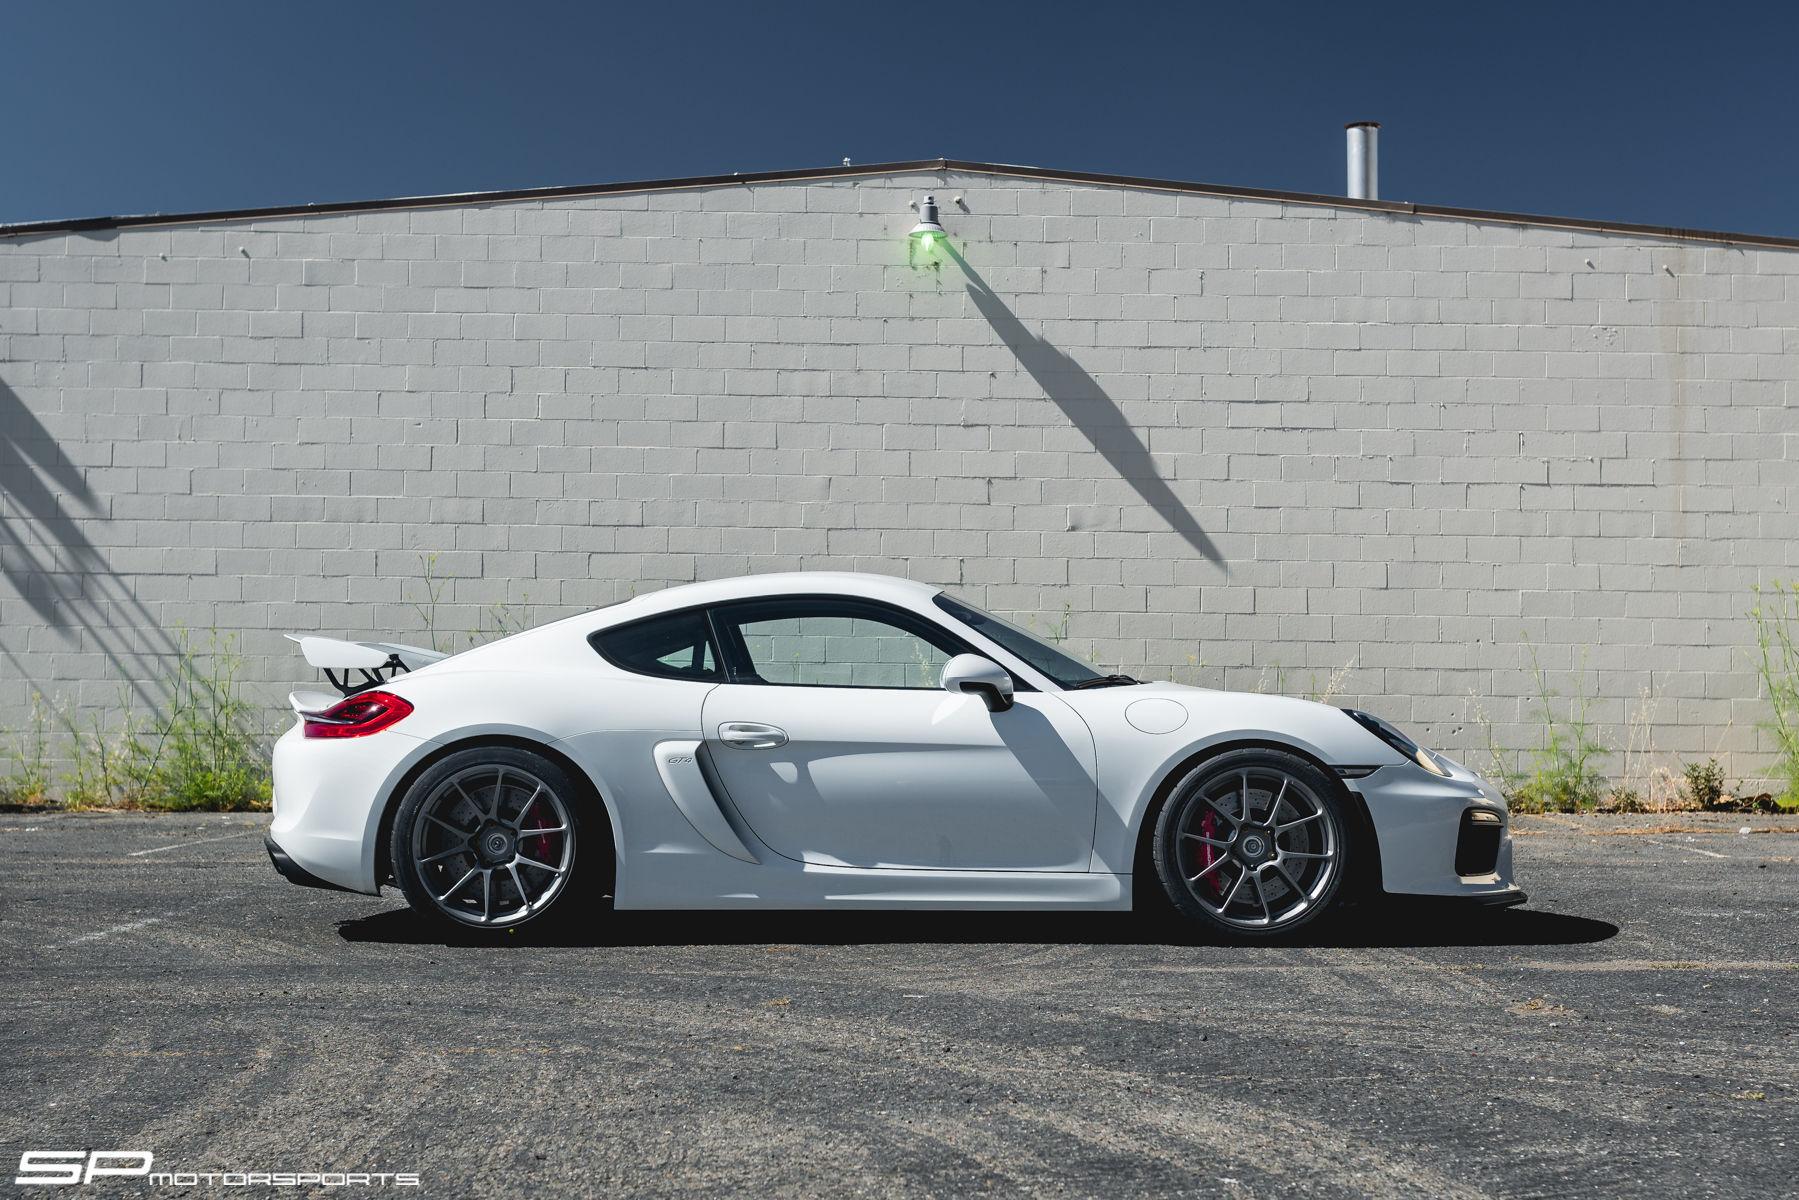 Porsche Cayman | White Porsche Cayman GT4 by SP Motorsports on Forgeline One Piece Forged Monoblock GS1R Wheels